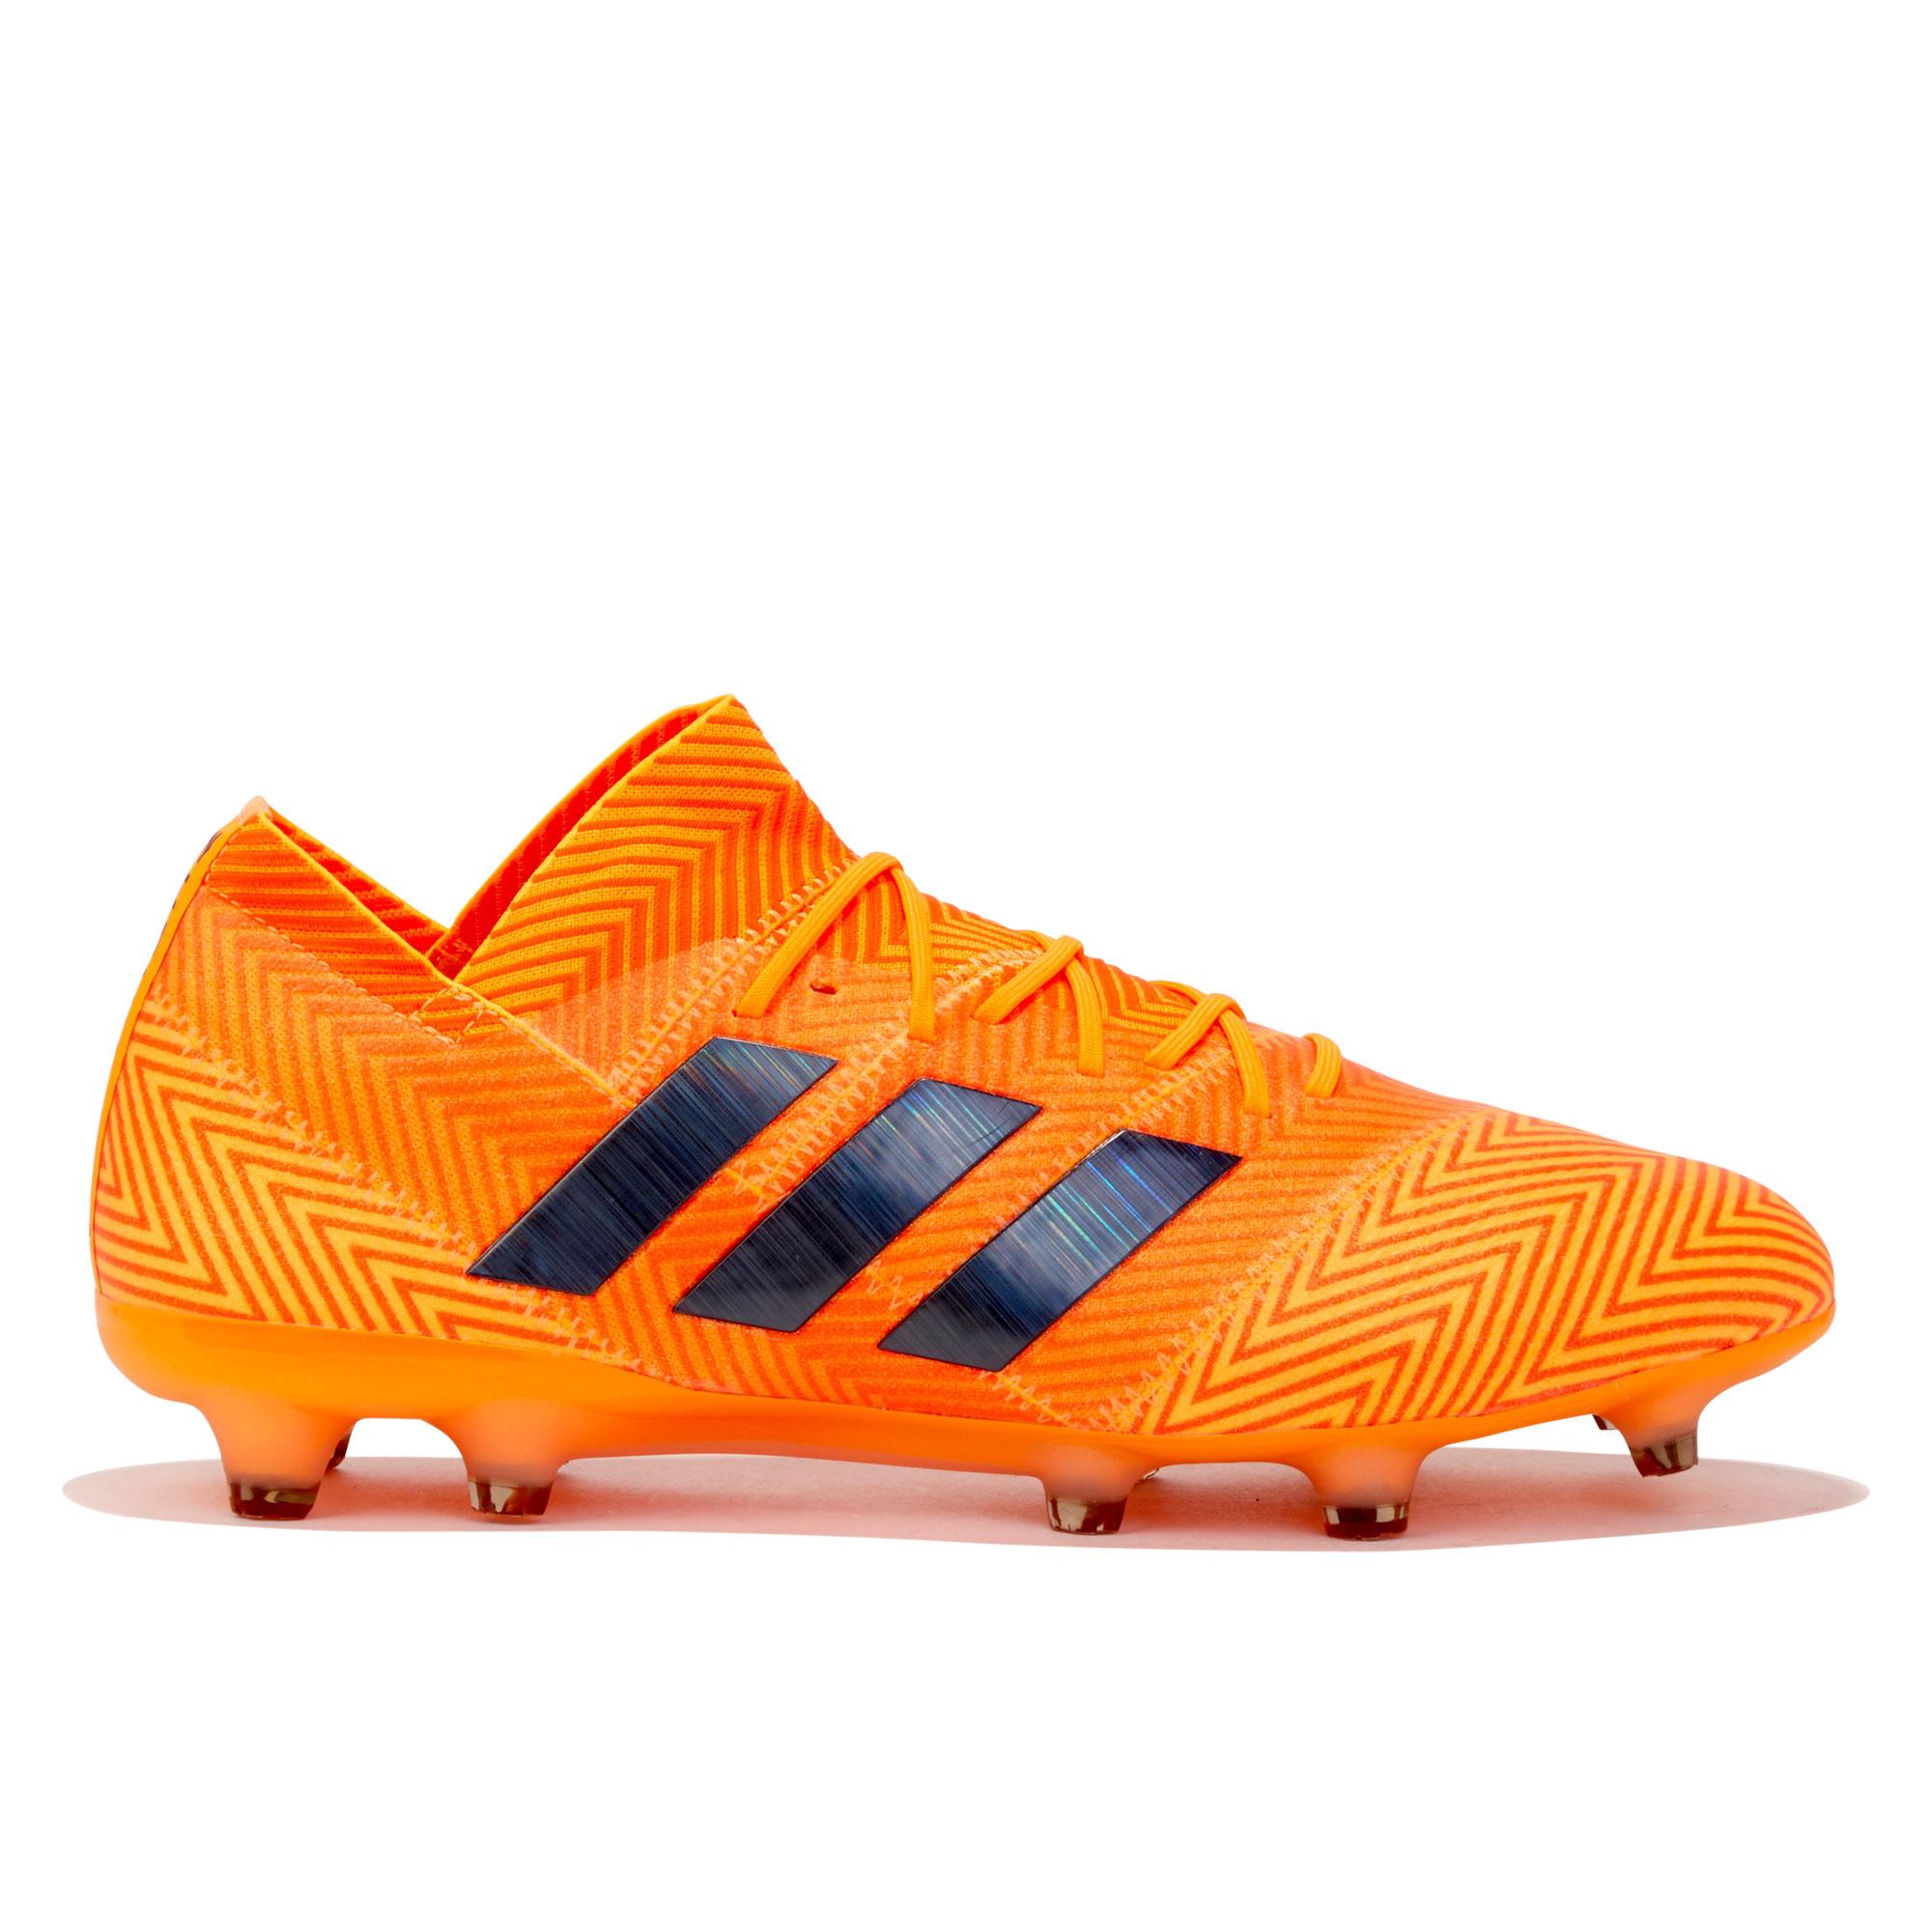 Botas de fútbol para terreno firme adidas Nemeziz 18.1 - Amarillas